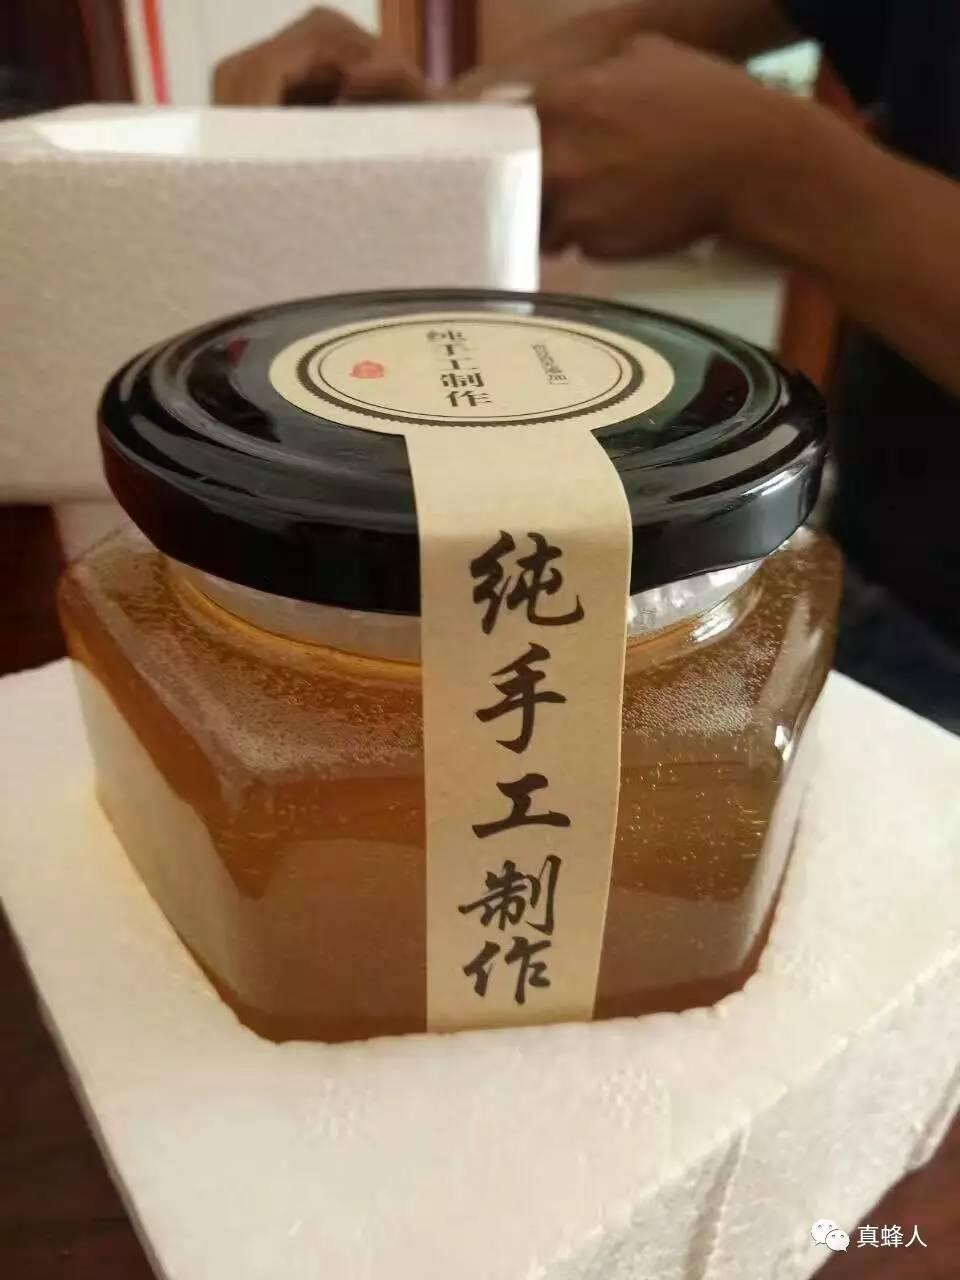 蜂蜜真假 纯蜂蜜价格 蜂花粉的作用 蜂蜜价格 患者